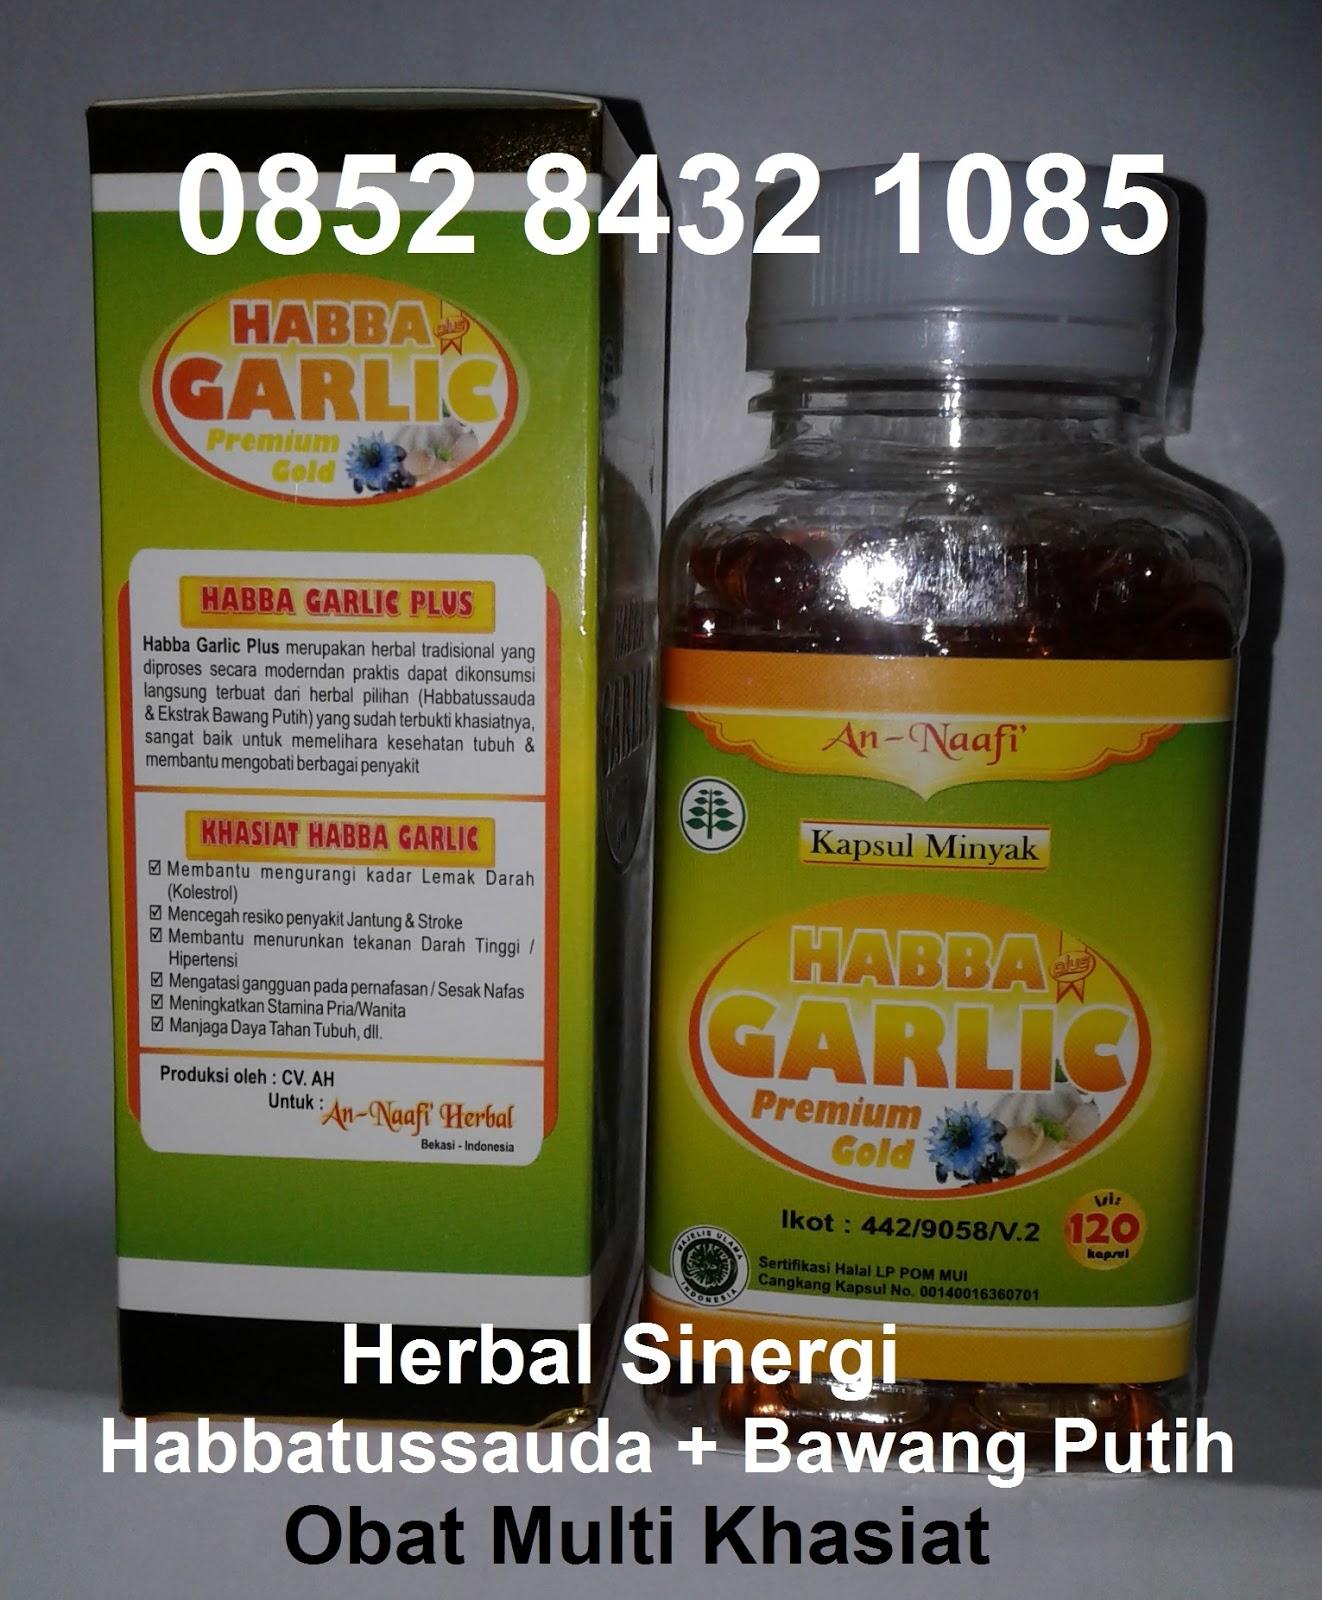 Jual Manfaat Kapsul Habbat Garlic Oil Asli Khasiat Bawang